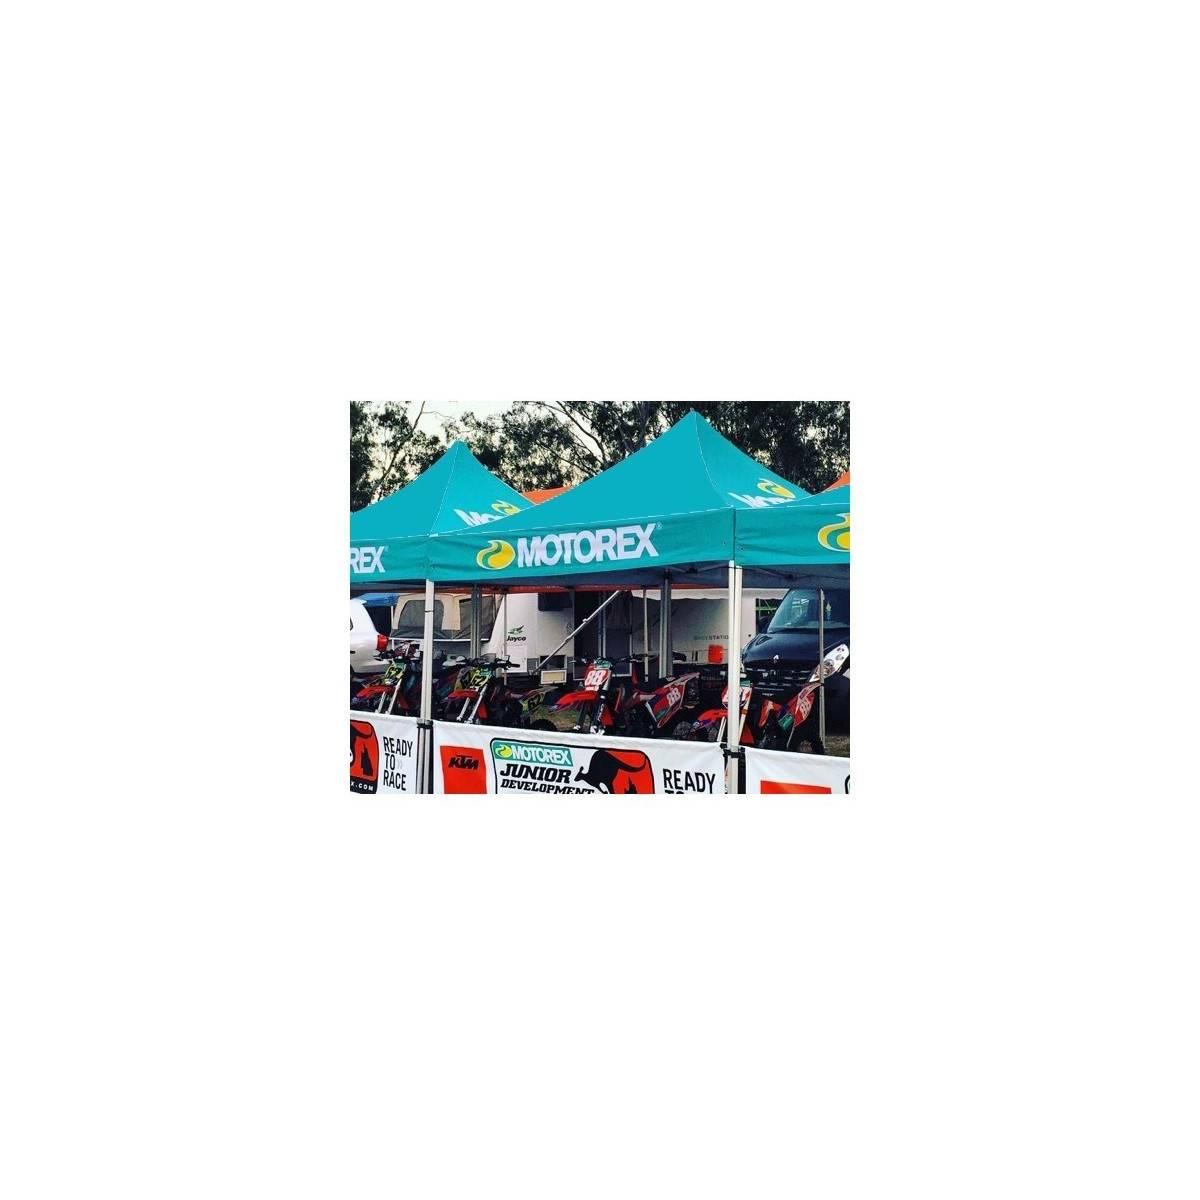 MTPU900001 - Carpa Motorex 3X3 + Paredes